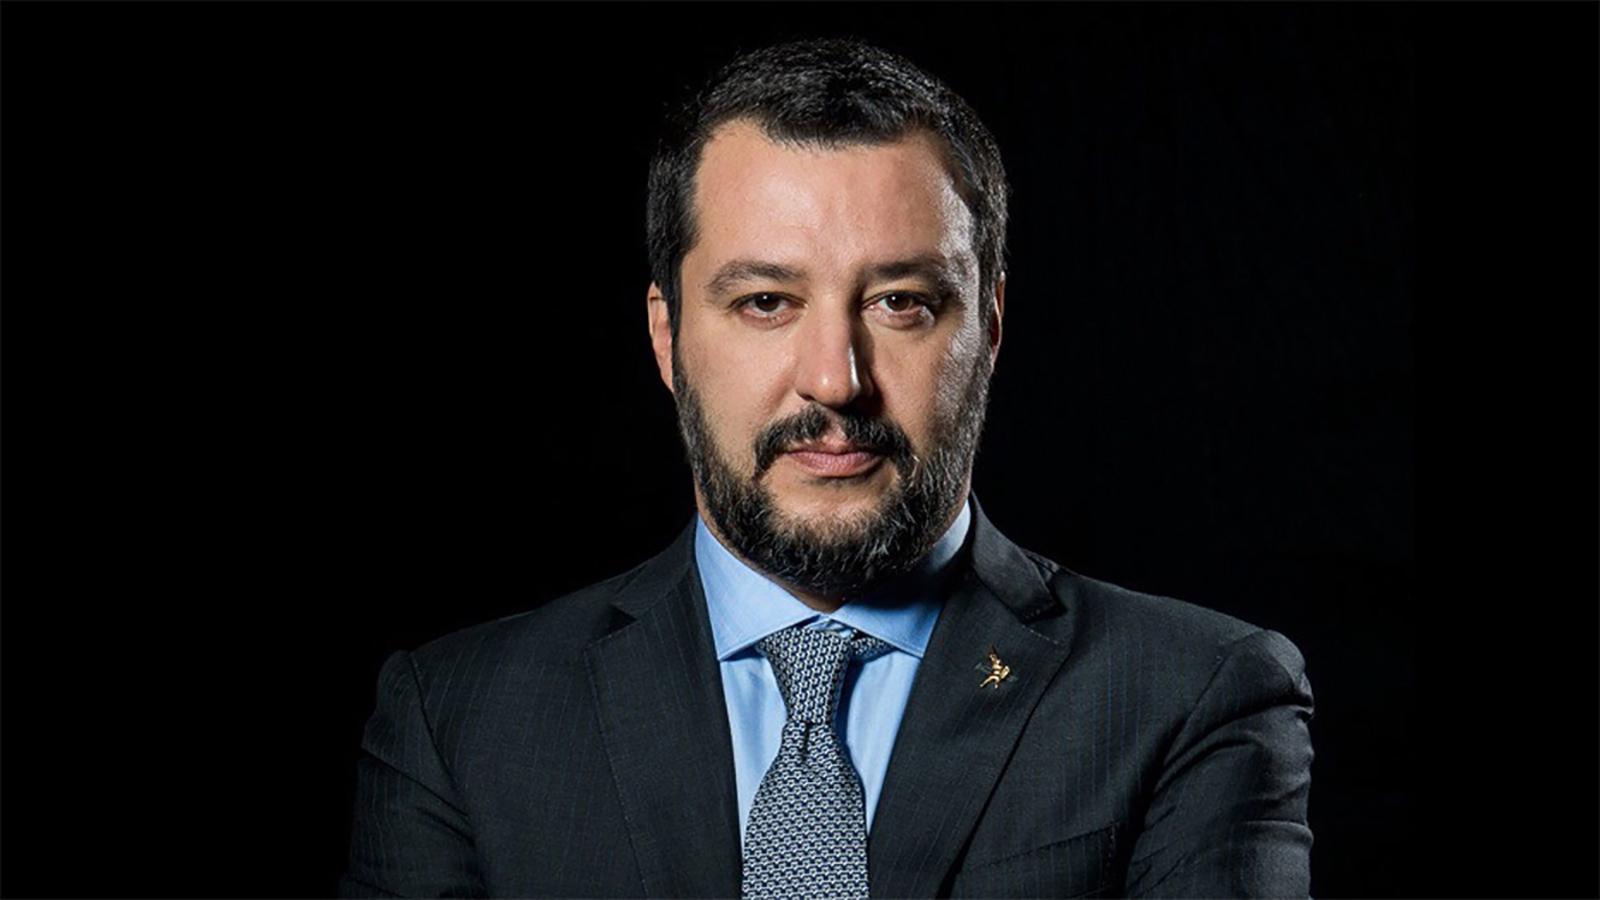 Potenza: Salvini risponde con ironia e sarcasmo ai suoi contestatori